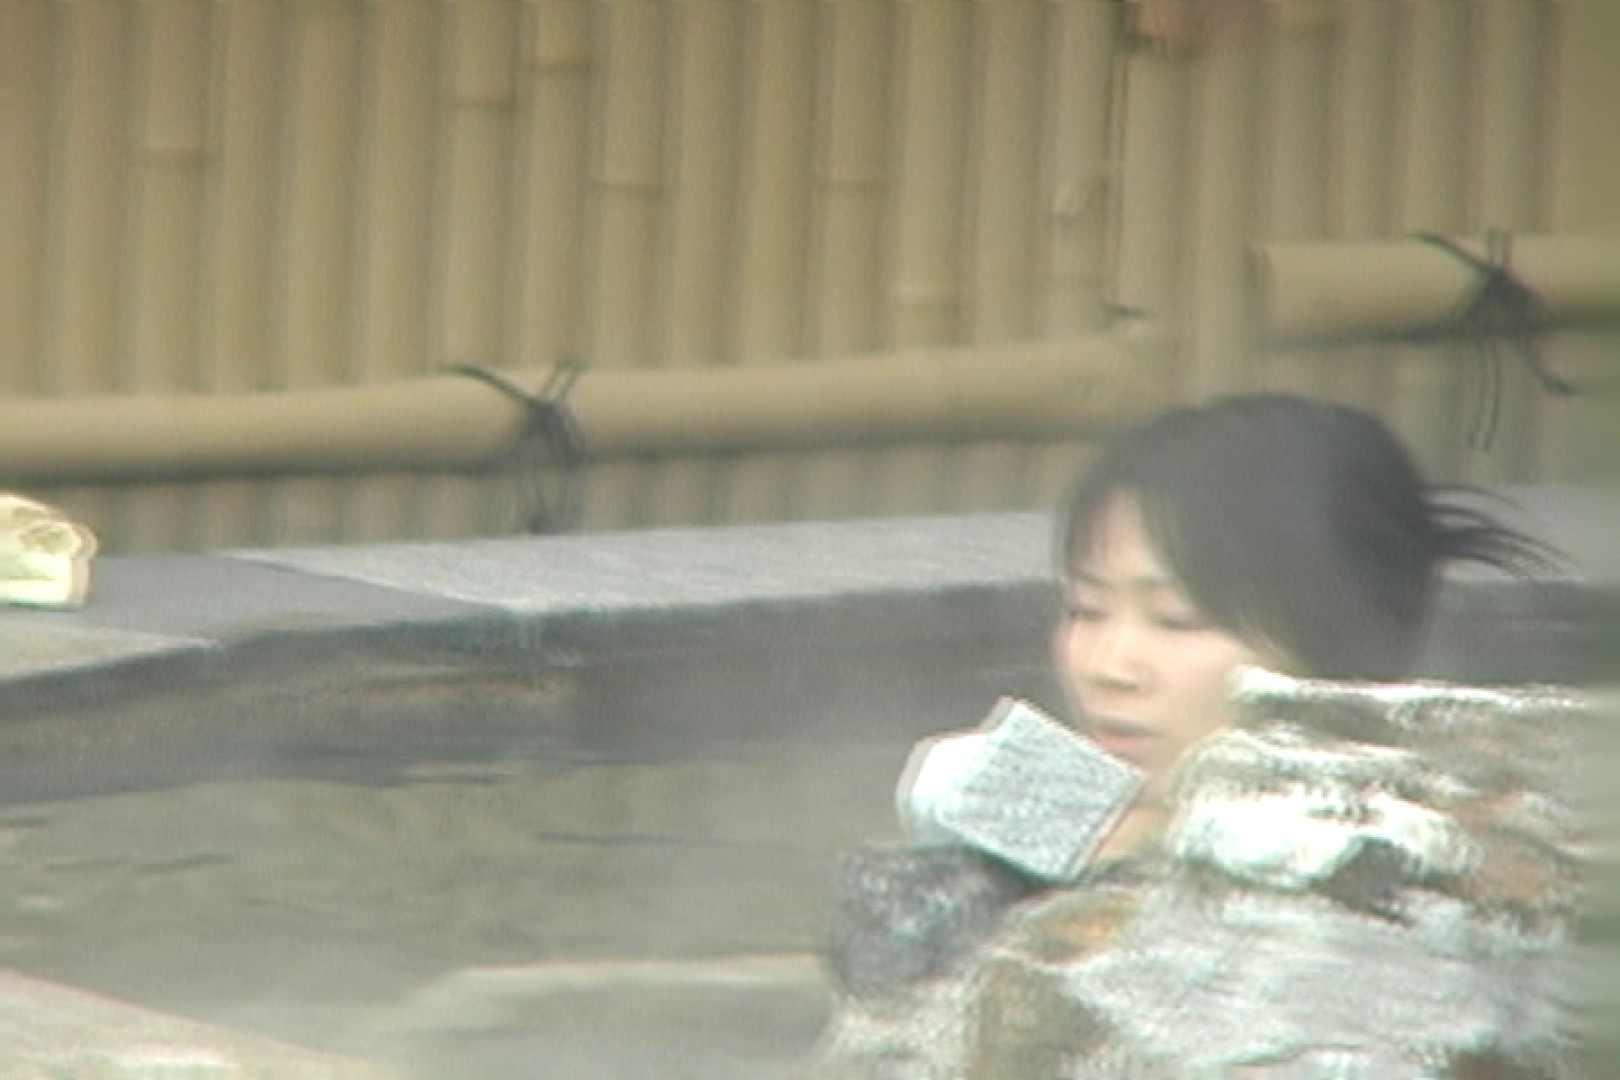 Aquaな露天風呂Vol.567 OLのエロ生活 覗きおまんこ画像 96連発 5